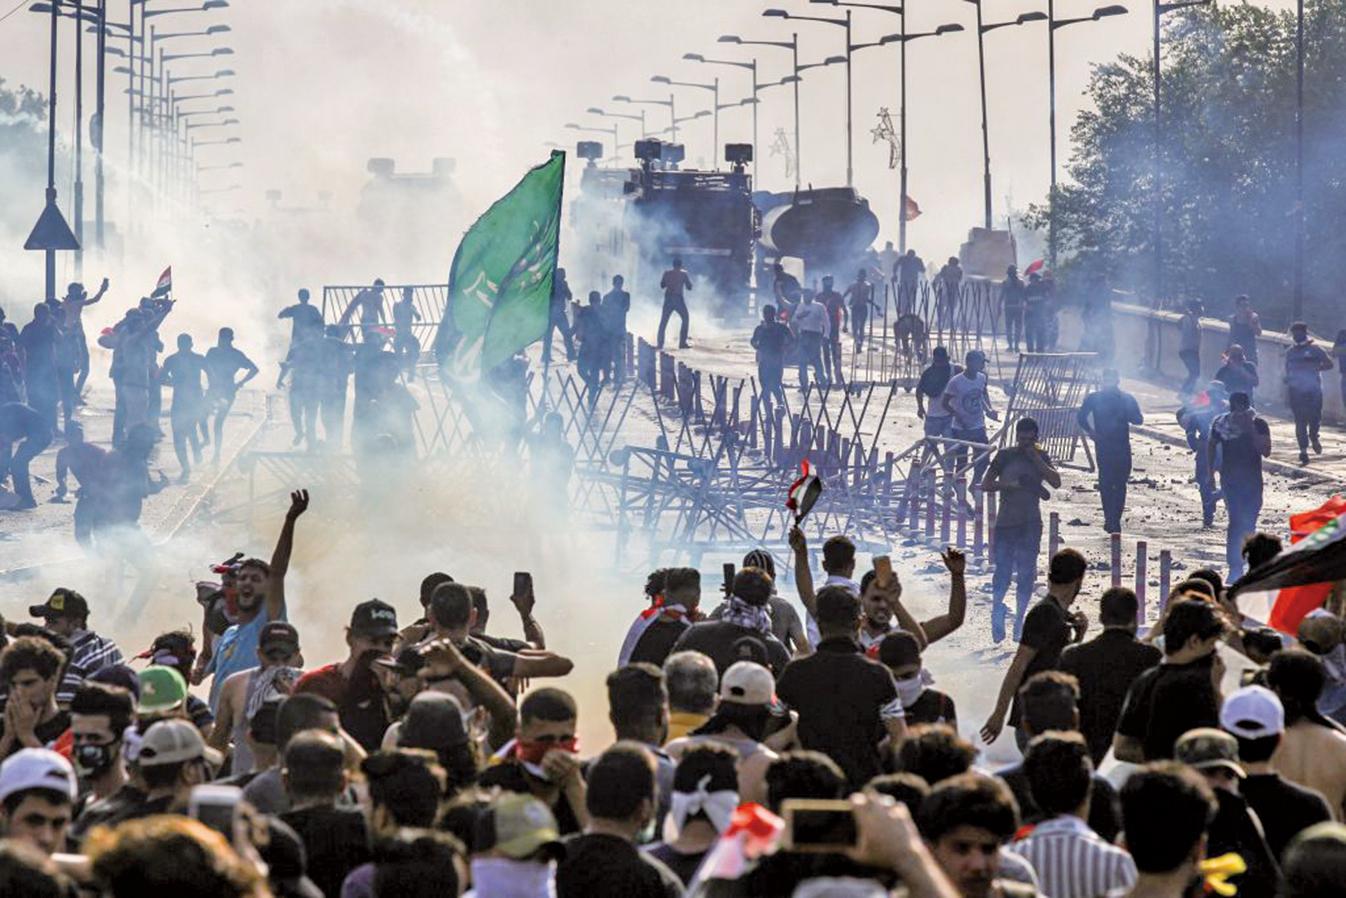 10月2日,伊拉克示威者抗議省政府的貪腐、公部門失能和失業率高漲,在巴格達的塔亞蘭廣場舉行示威遊行。(AFP)